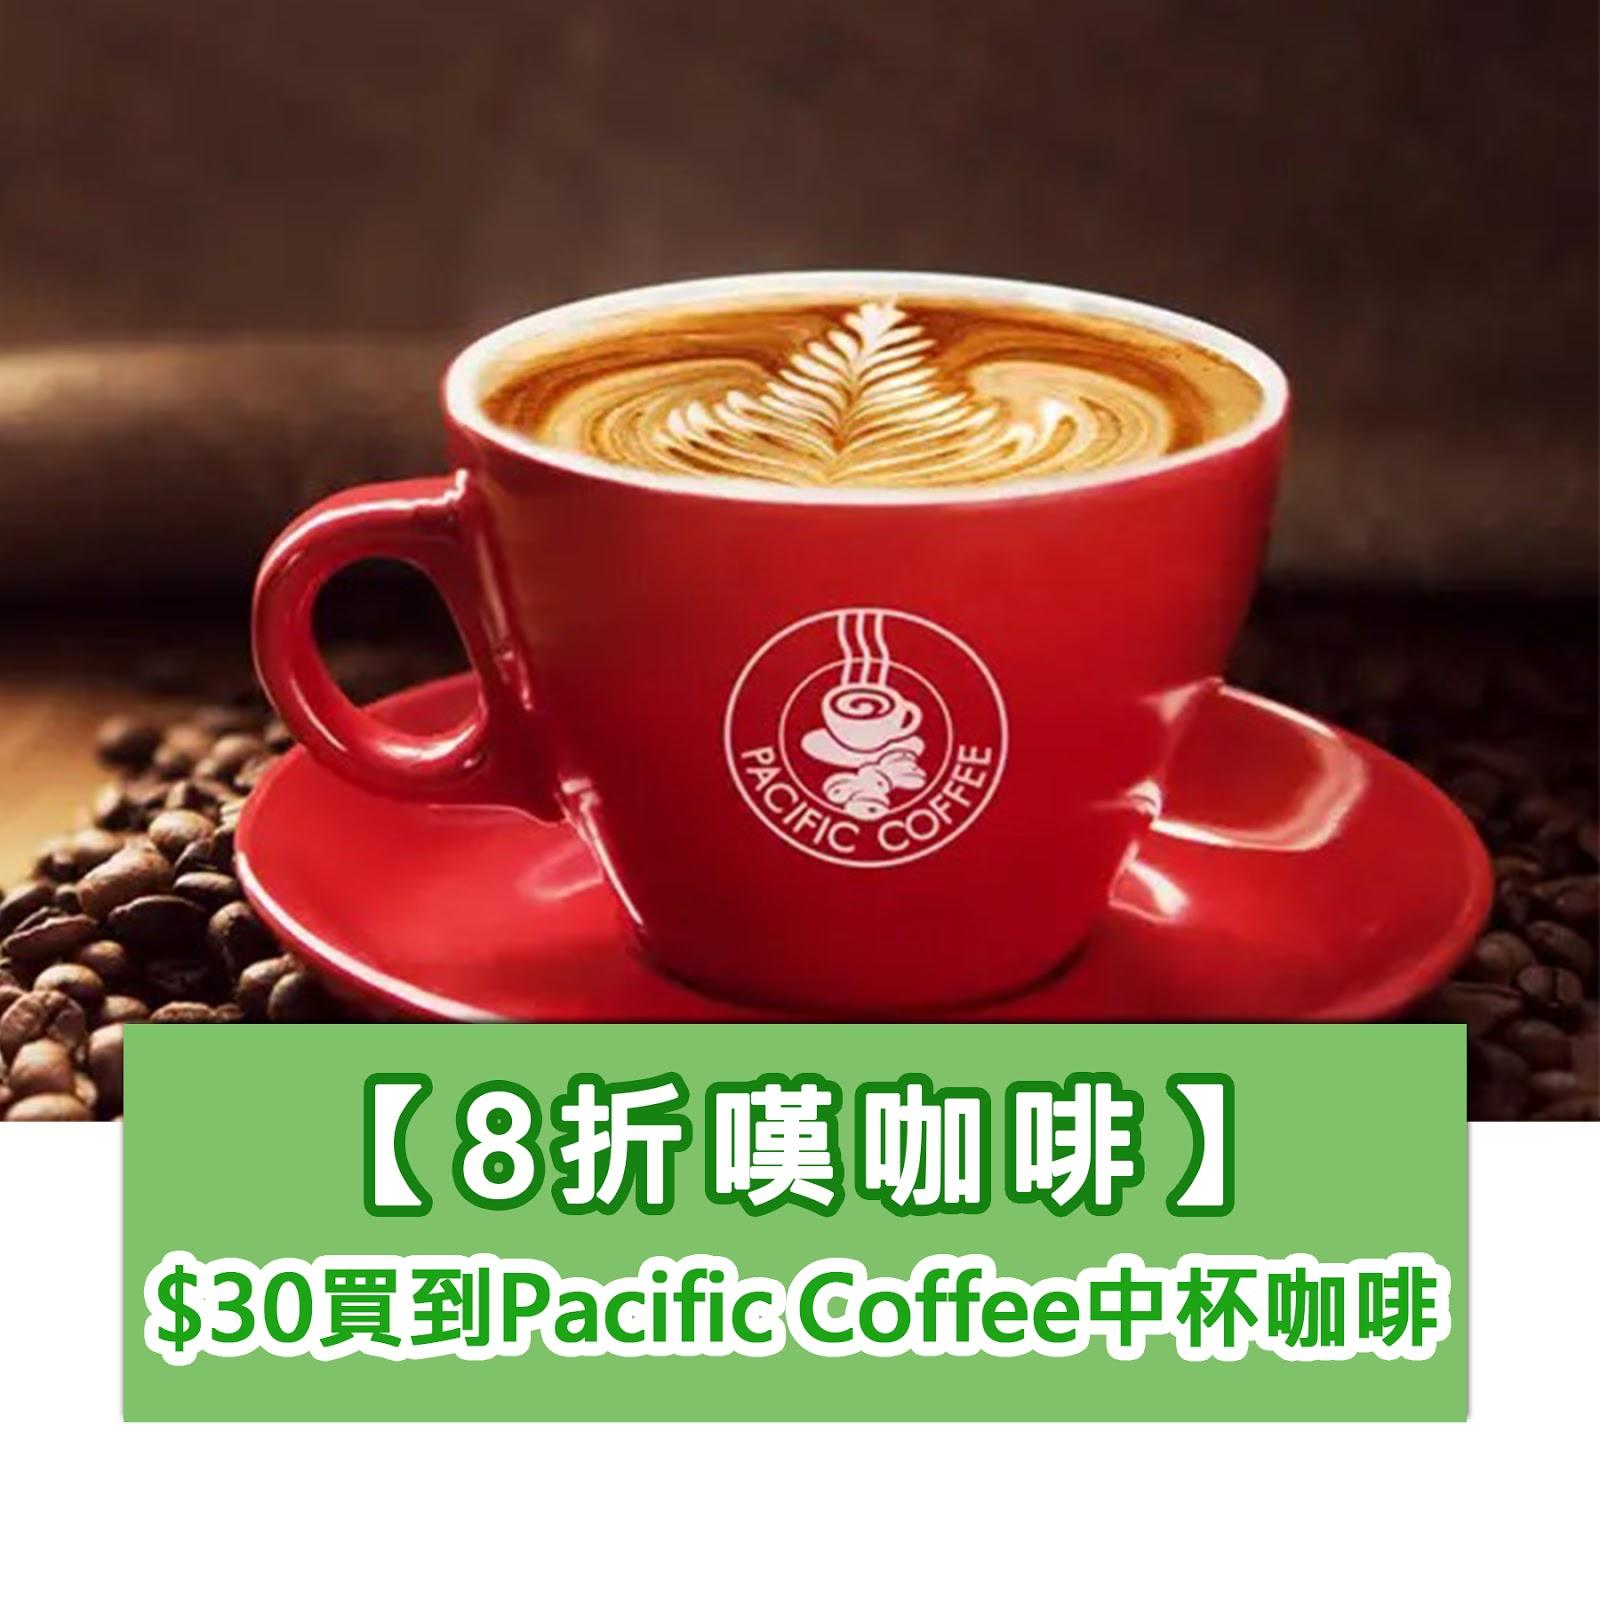 「網購FUN享」: 【8折飲咖啡】$30買Pacific Coffee中杯咖啡券,即買即用(KLOOK飲食優惠)